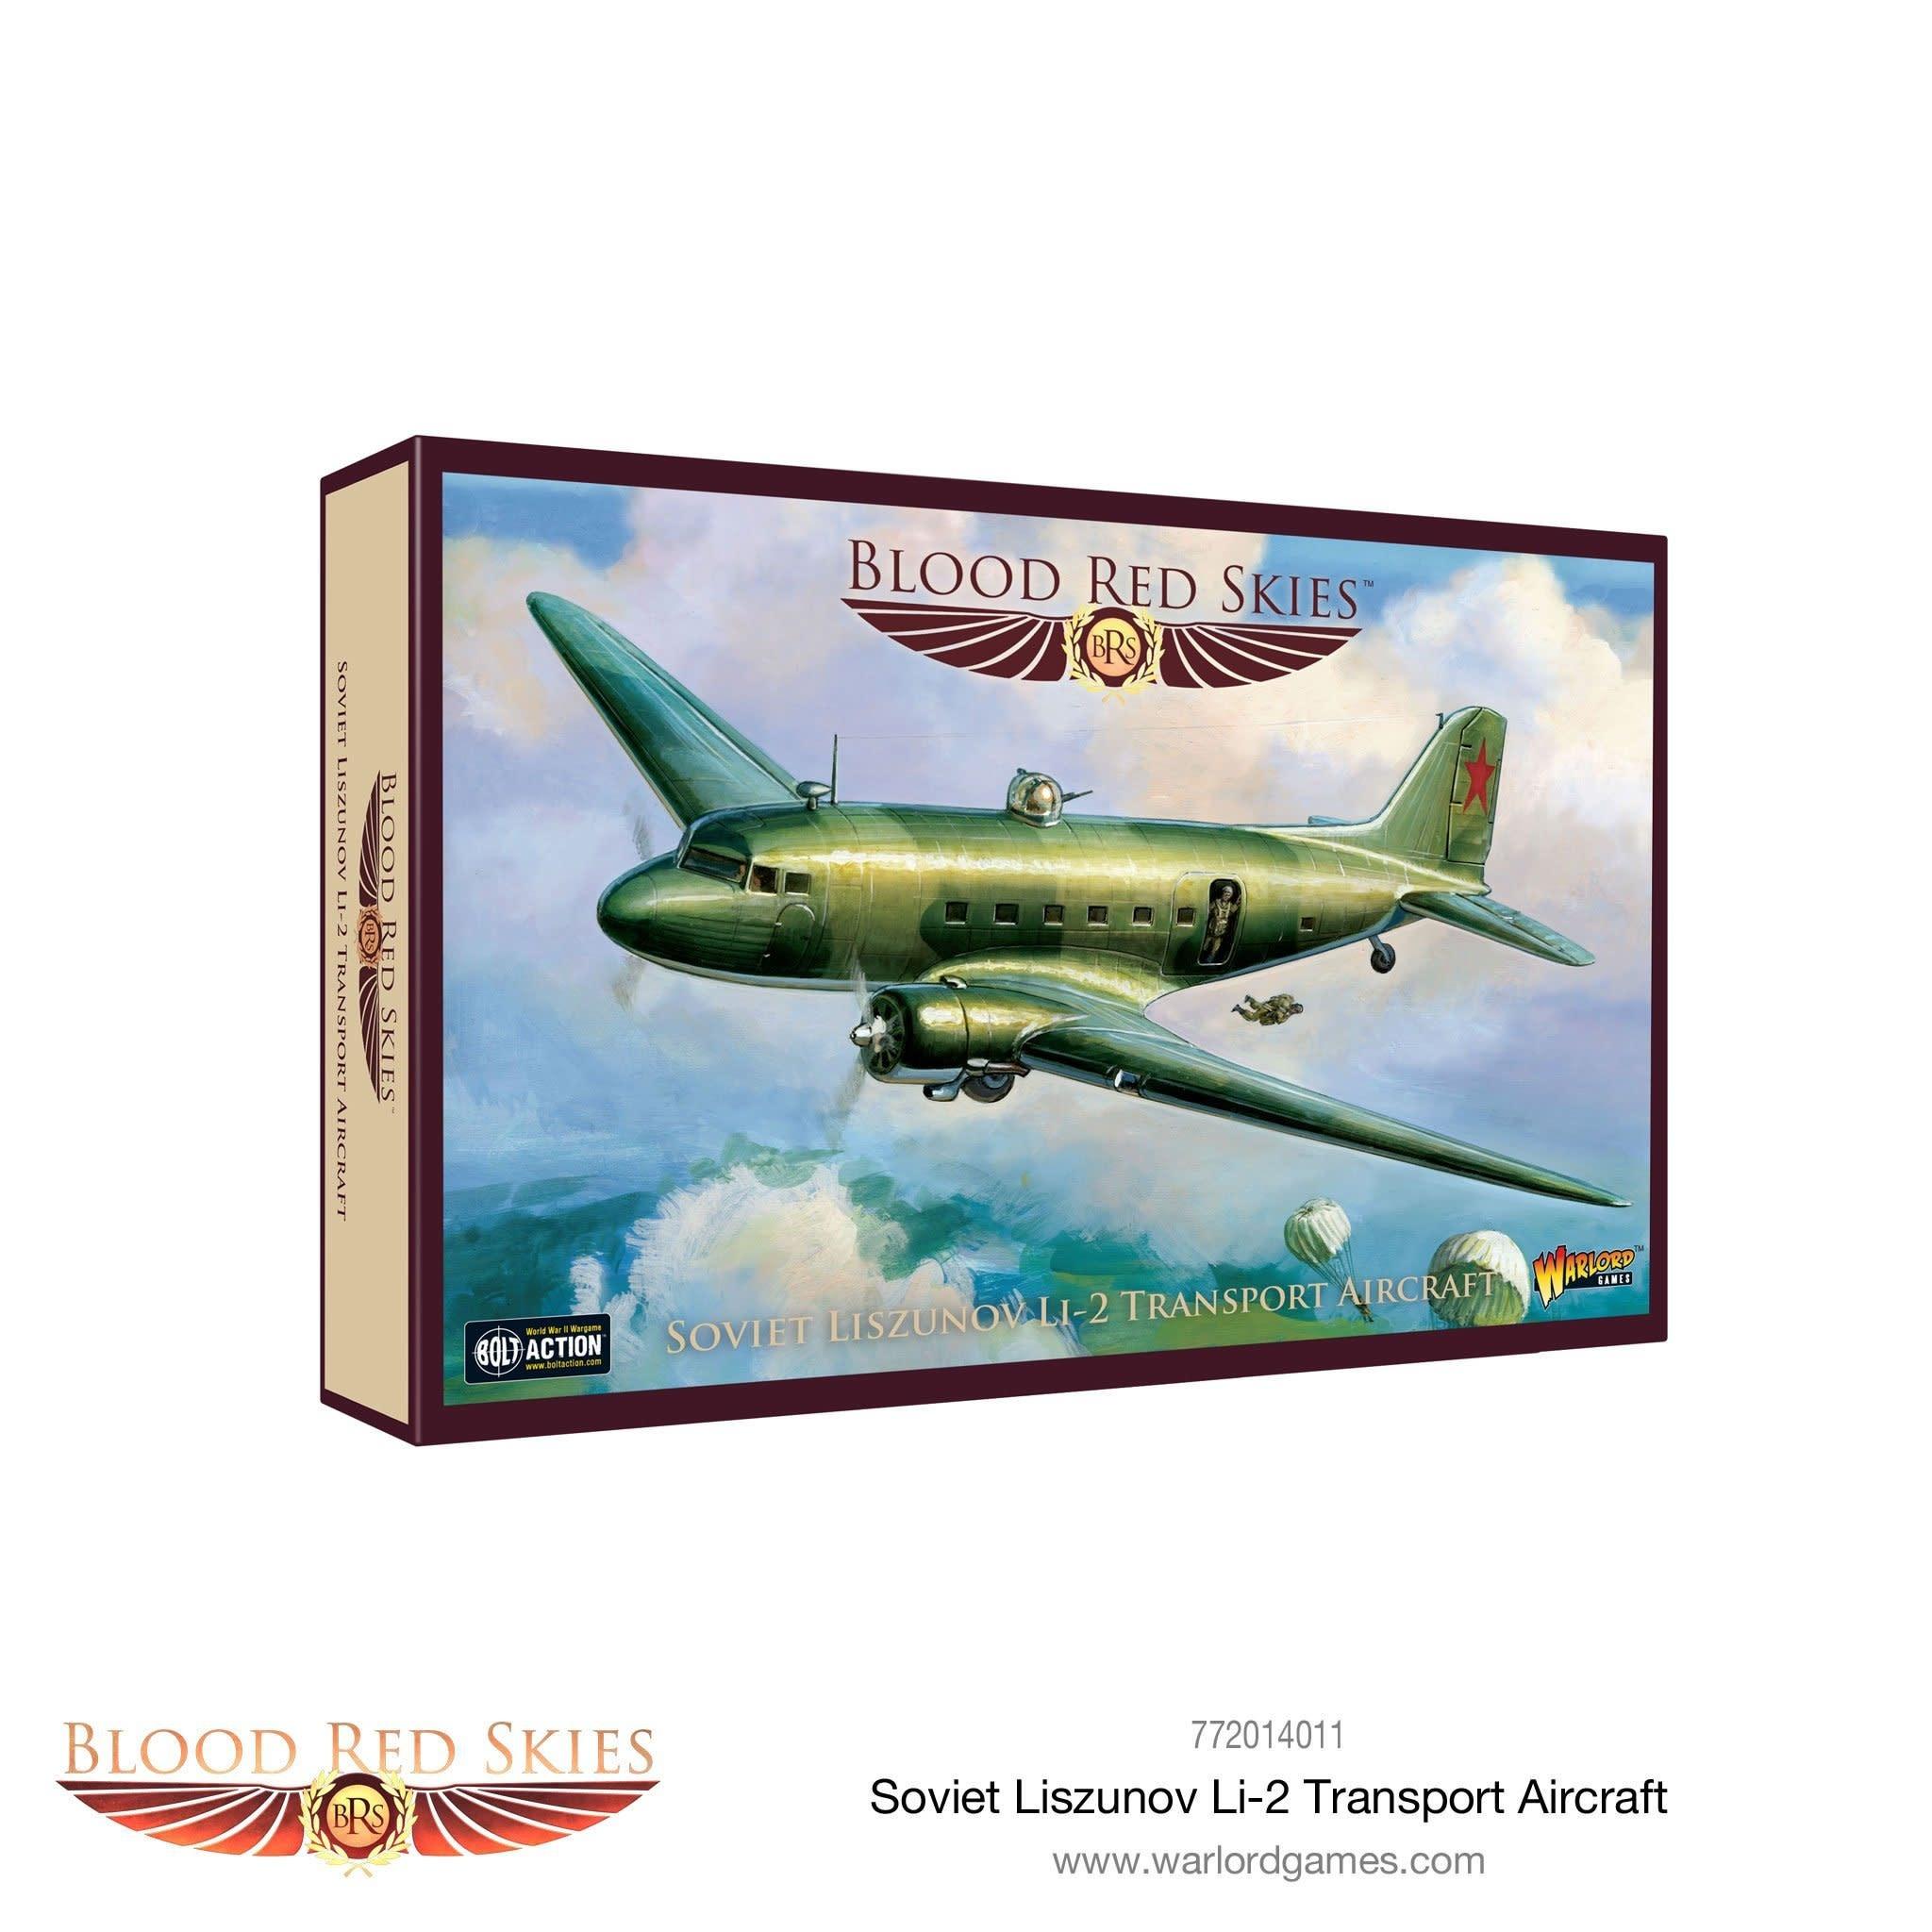 Warlord games Blood Red Skies: Soviet Liszunov Li-2 Transport Aircraft